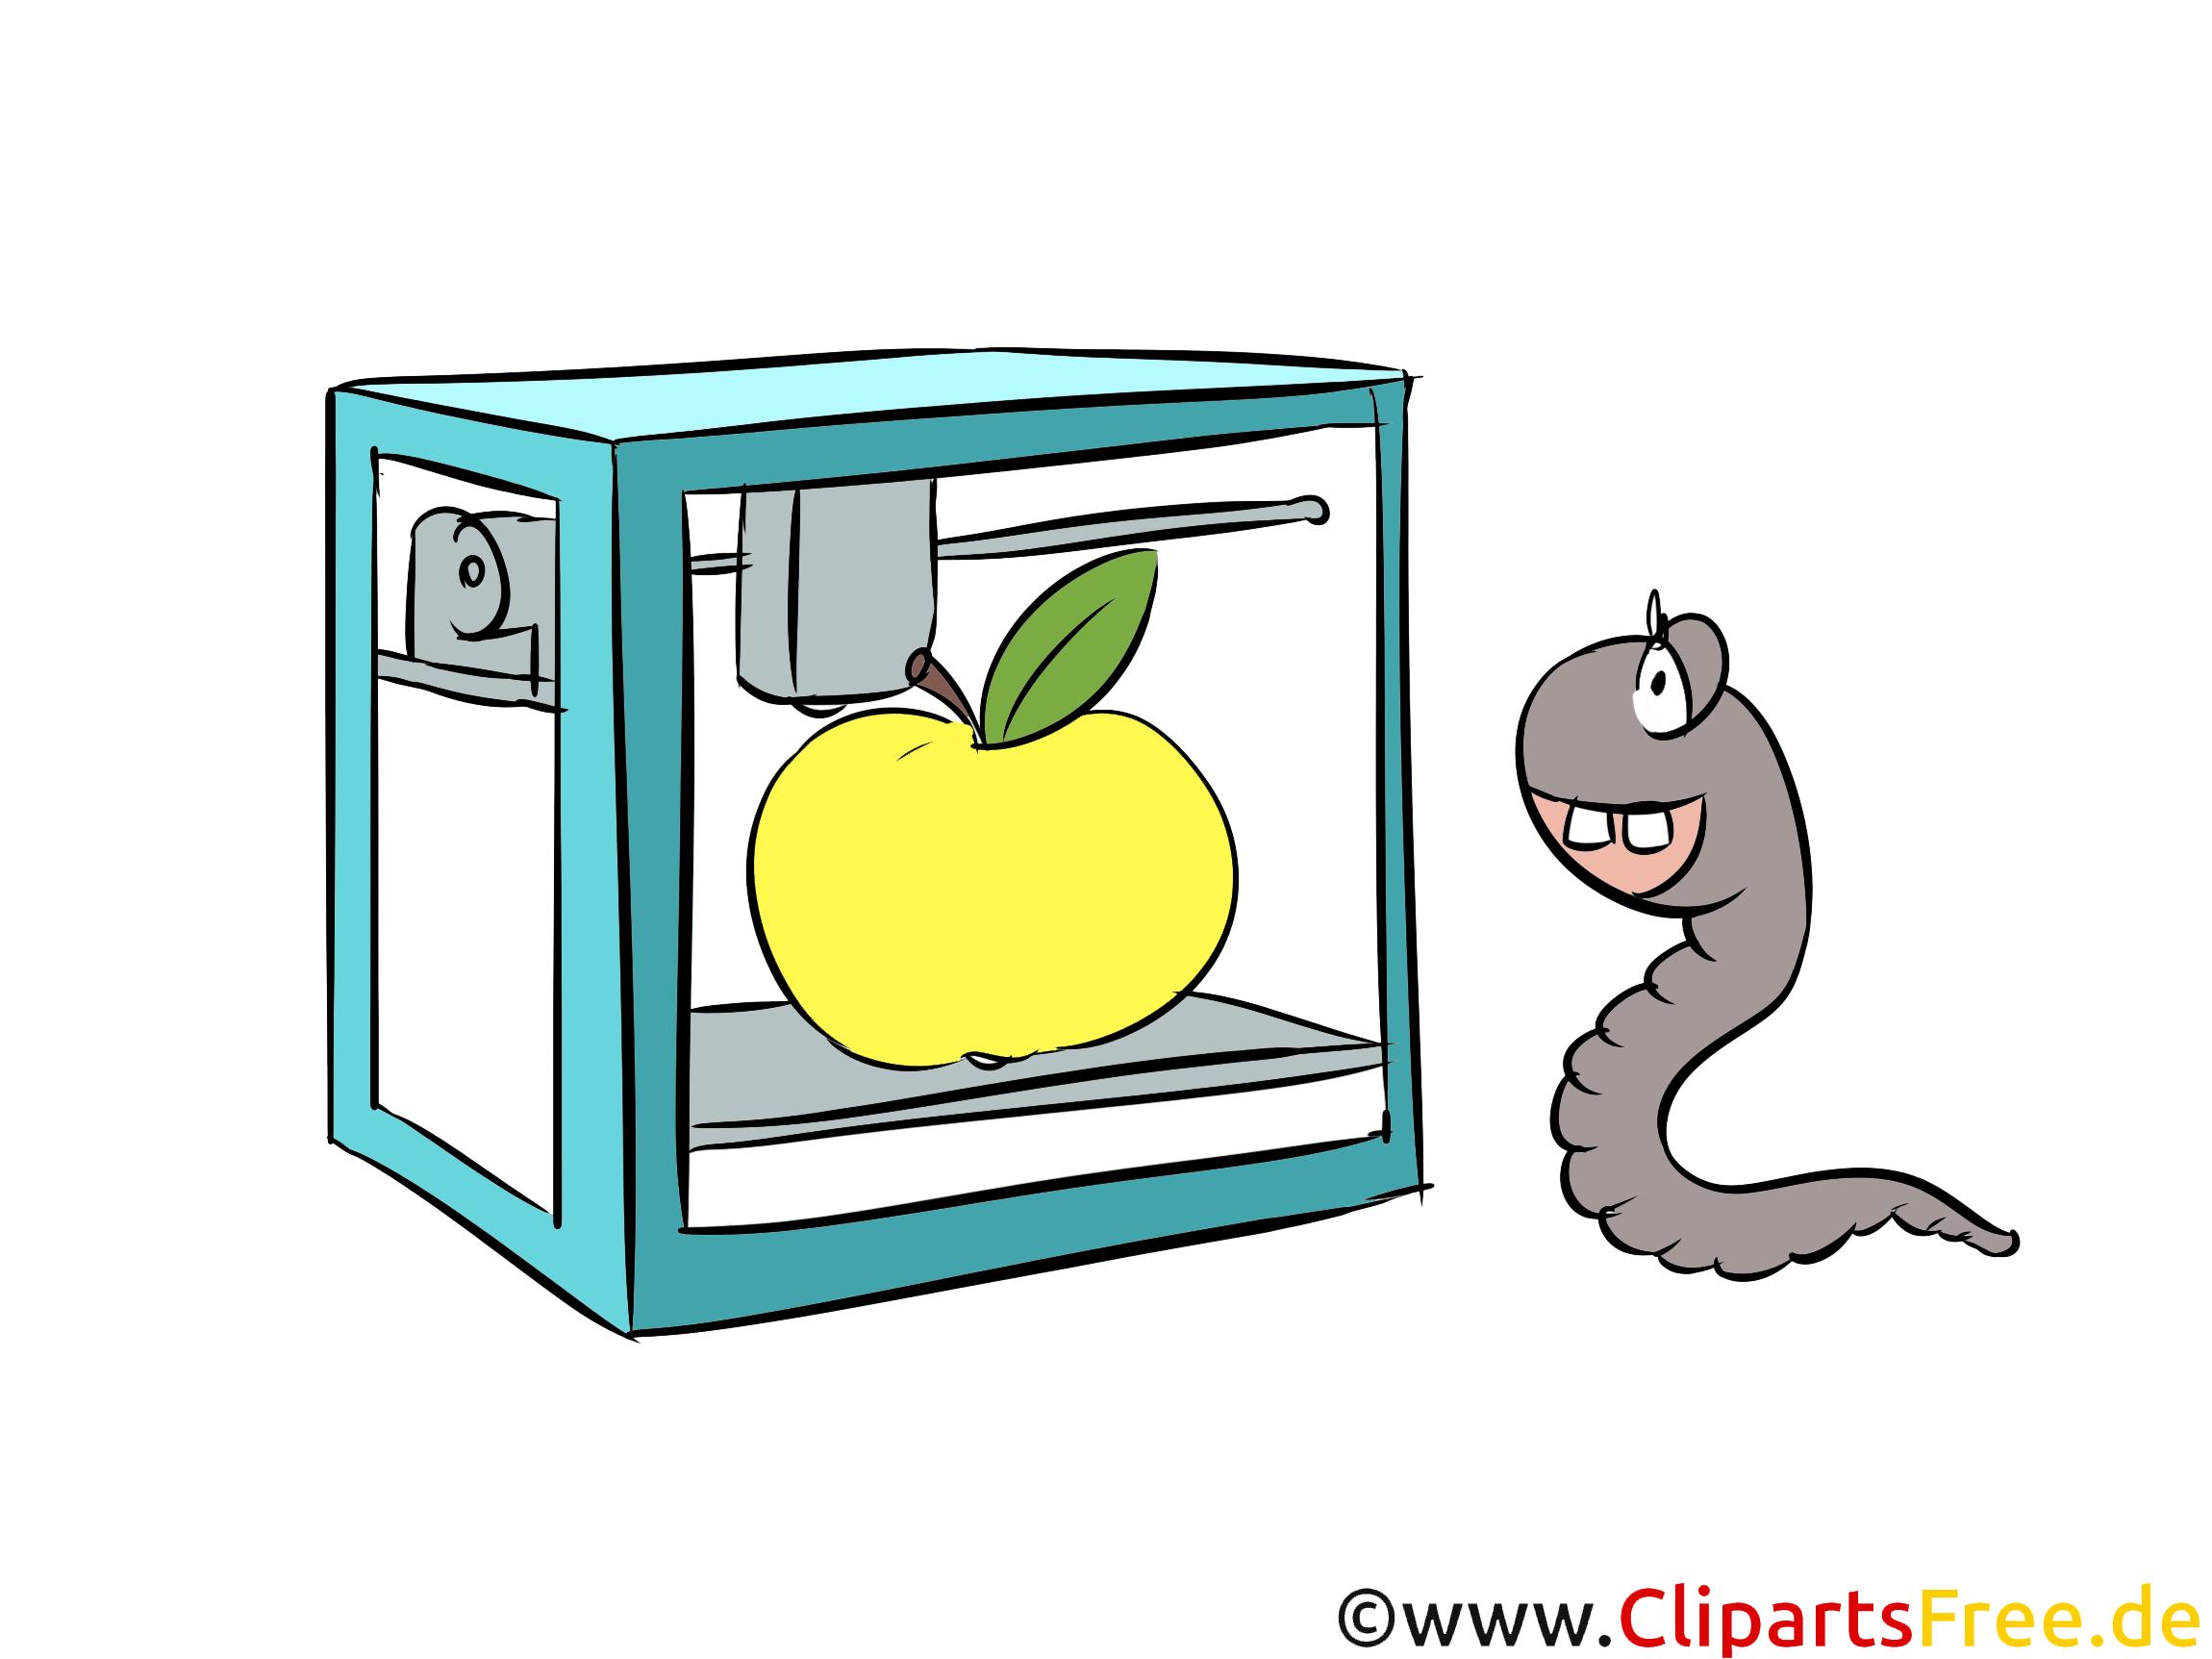 3D-Foodprinter Illustration, Clip Art free